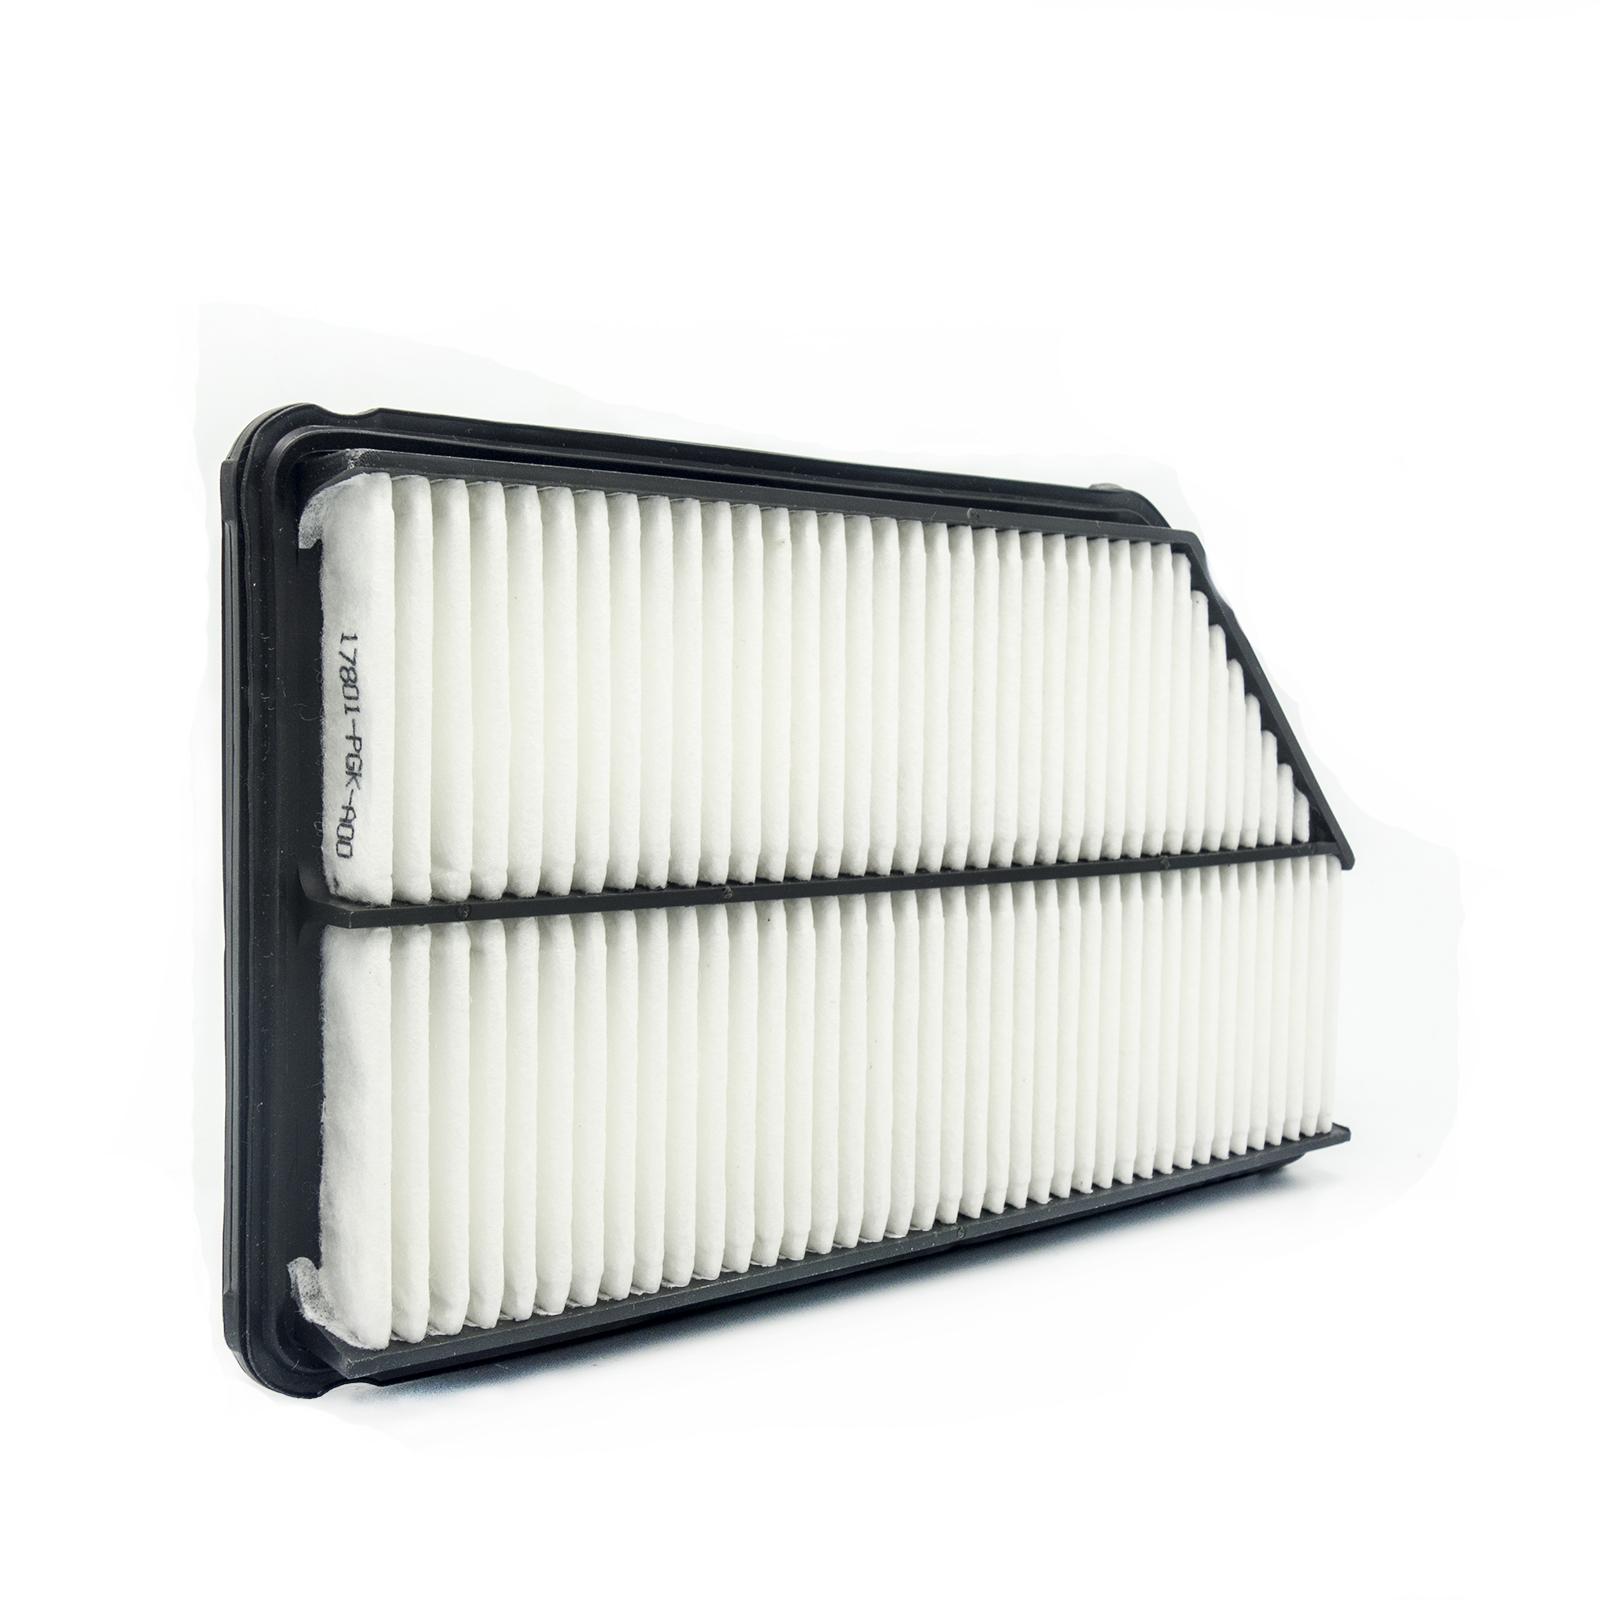 Engine Air Filter For PILOT 03-08 & MDX 01-06 17220-PGK